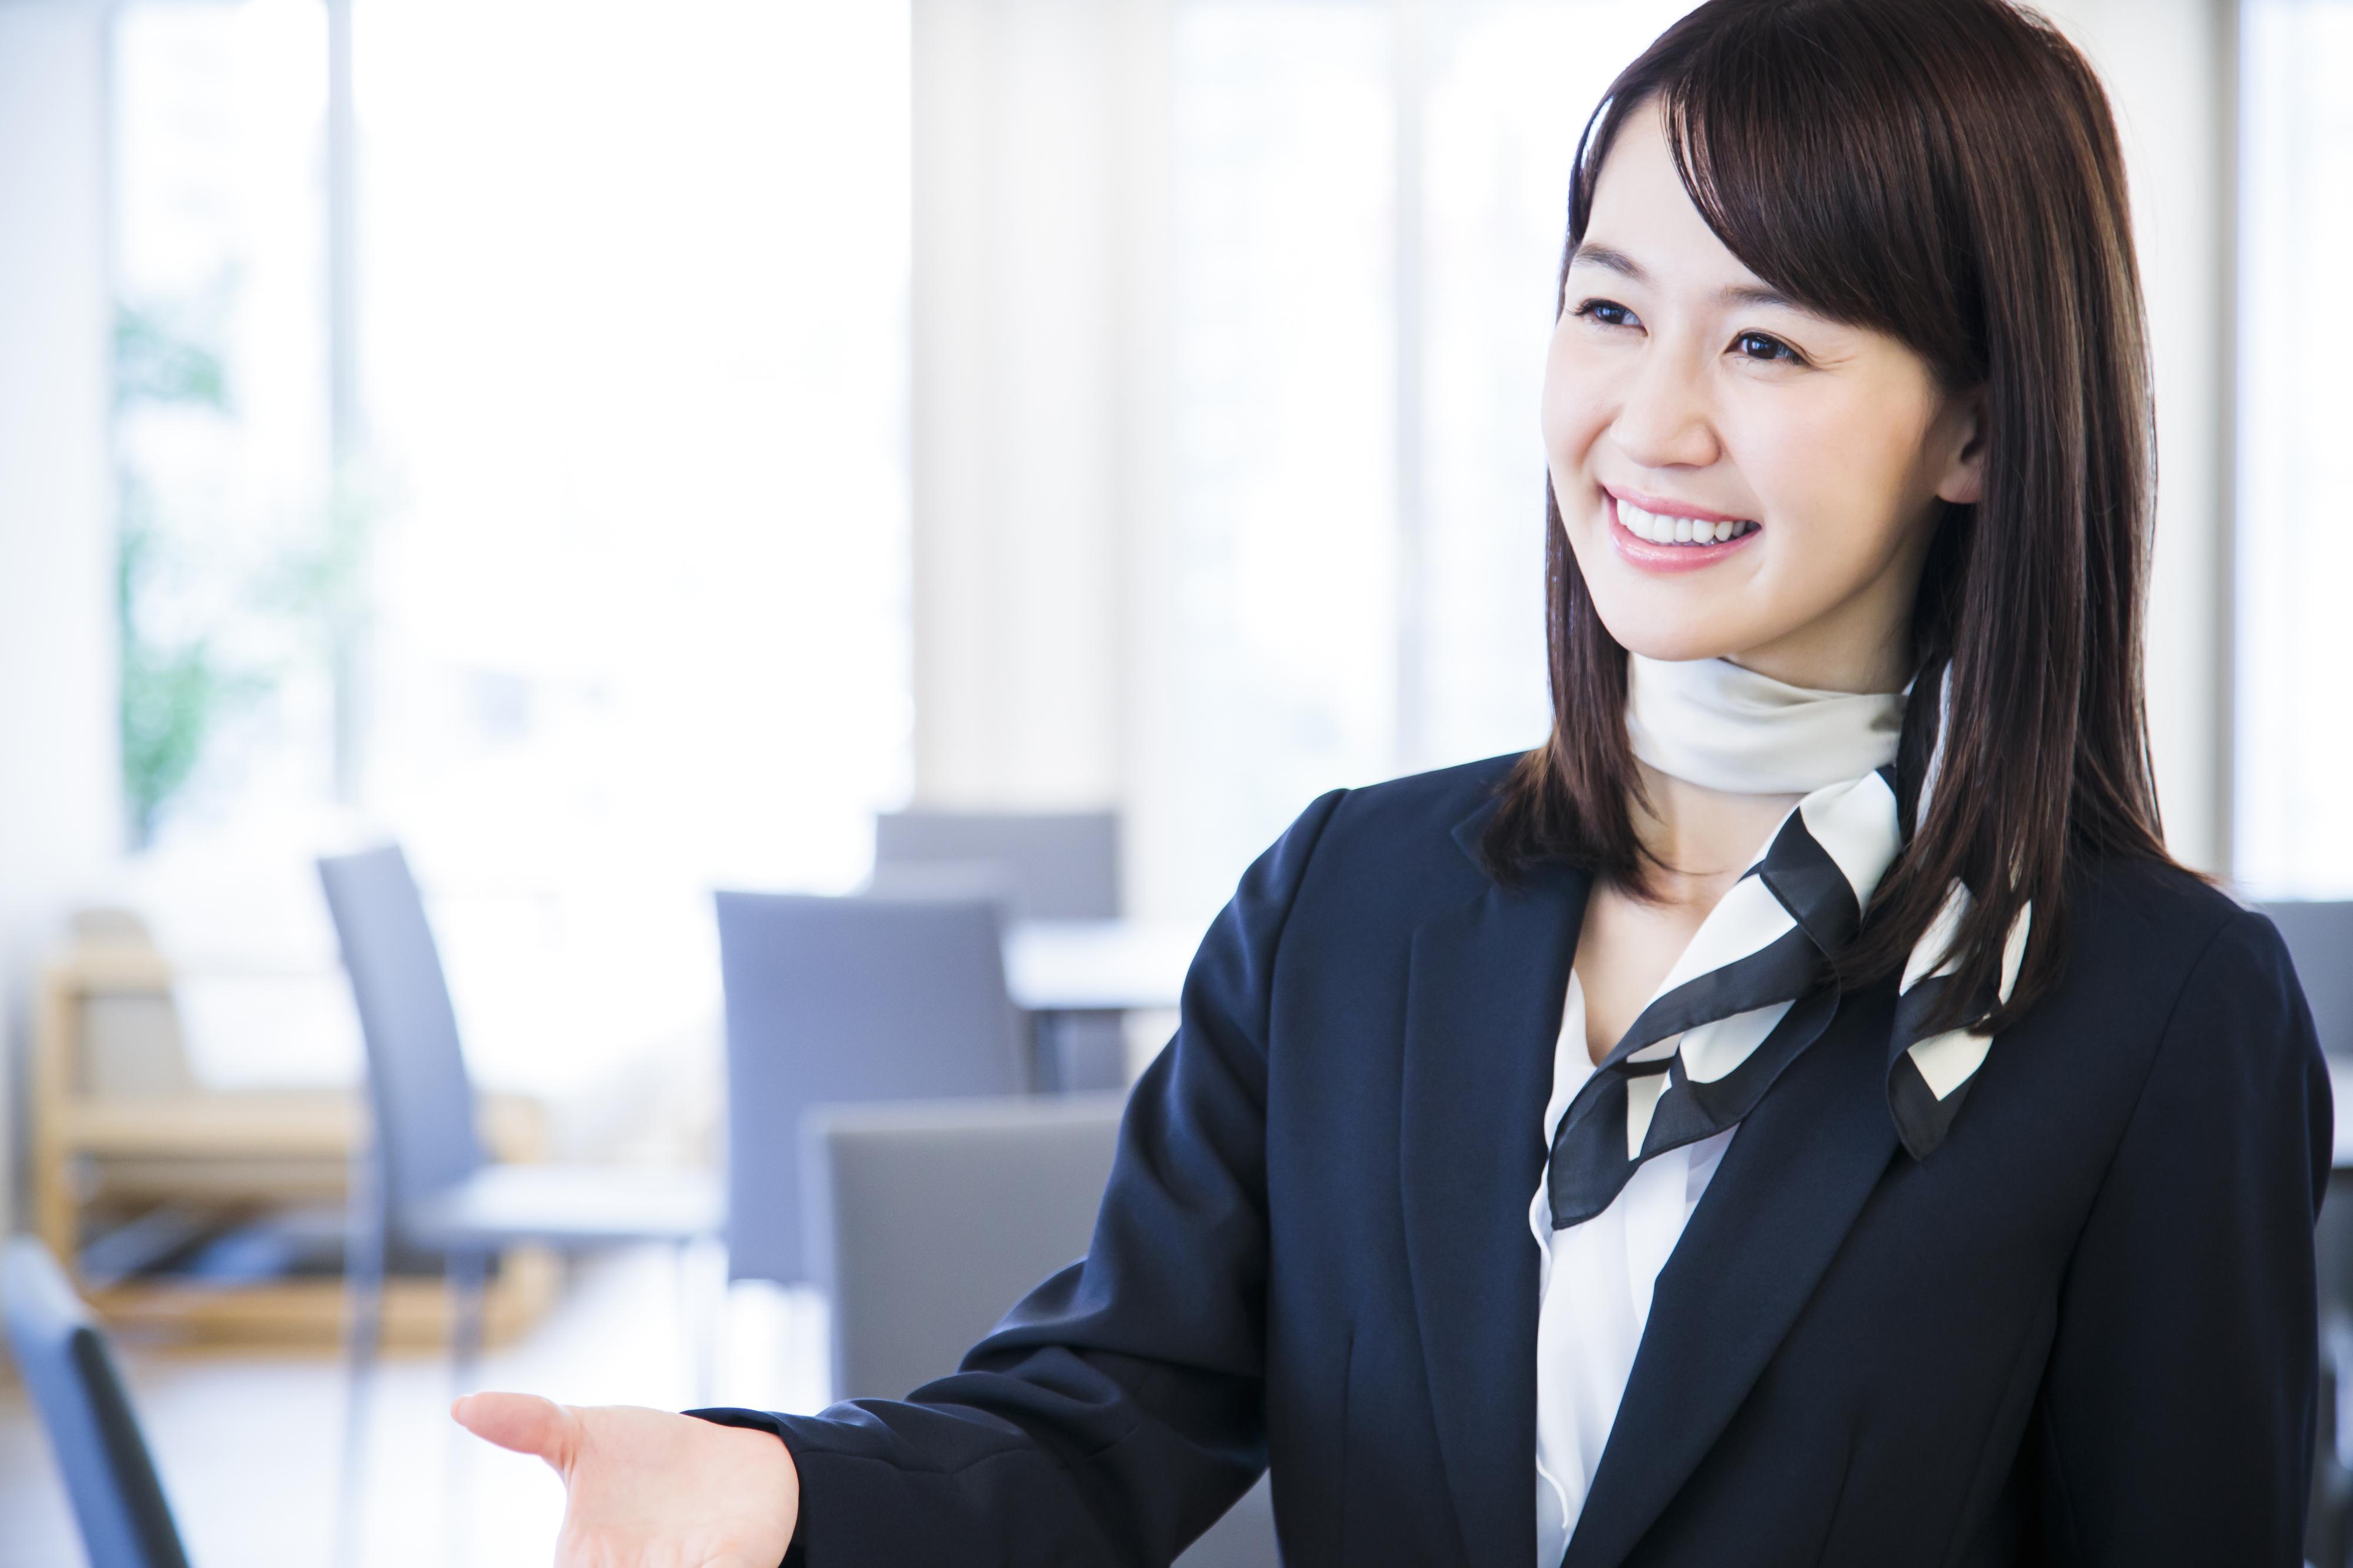 スーツを着た笑顔の女性